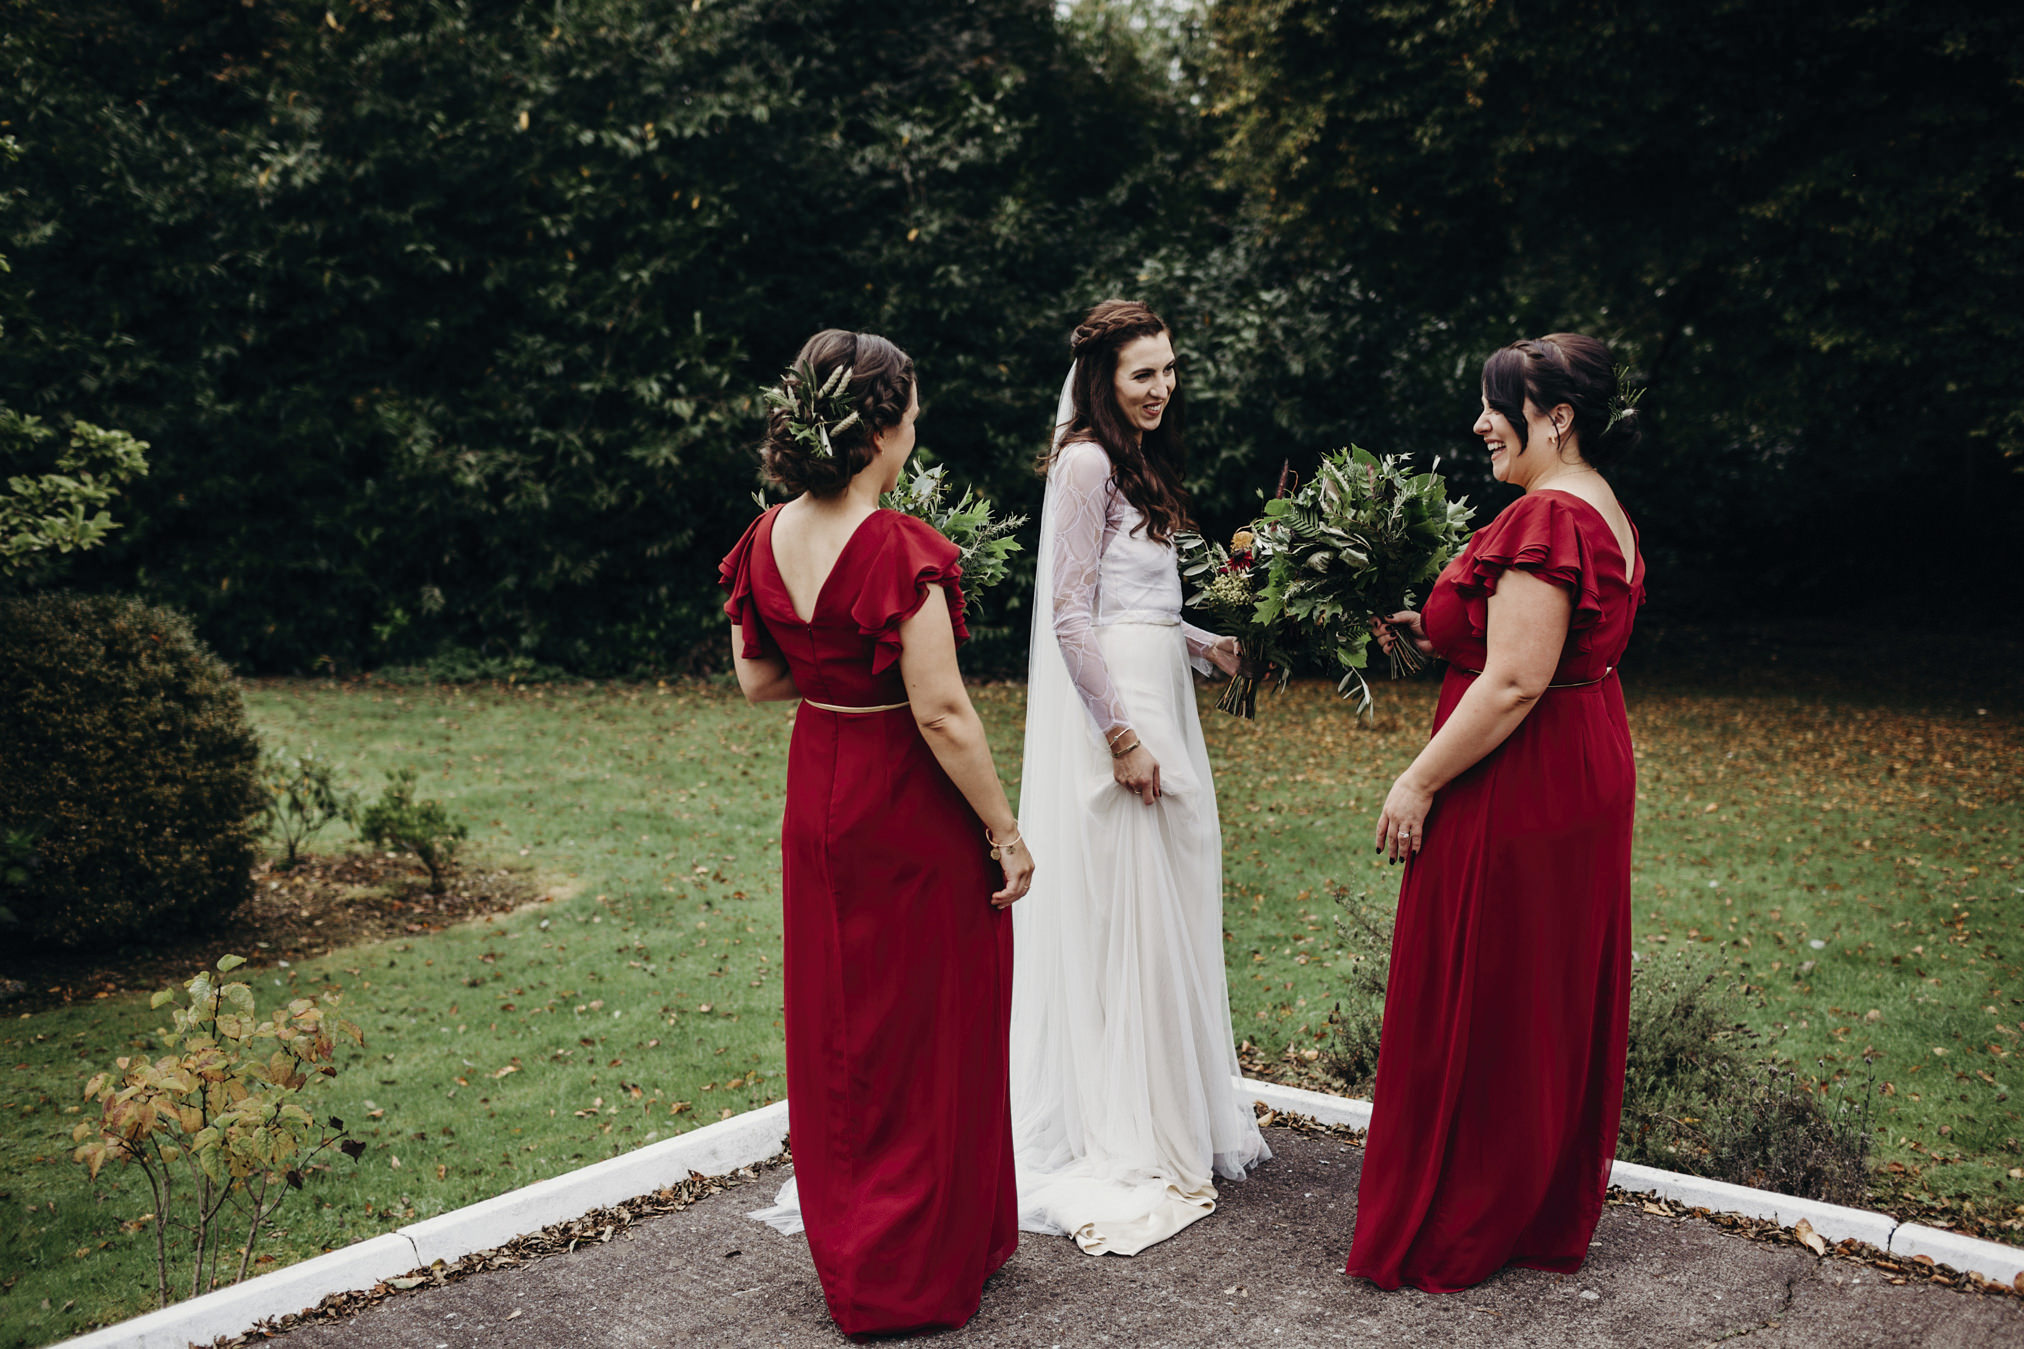 wedding photographer irelandGraciela Vilagudin Photography525.jpg